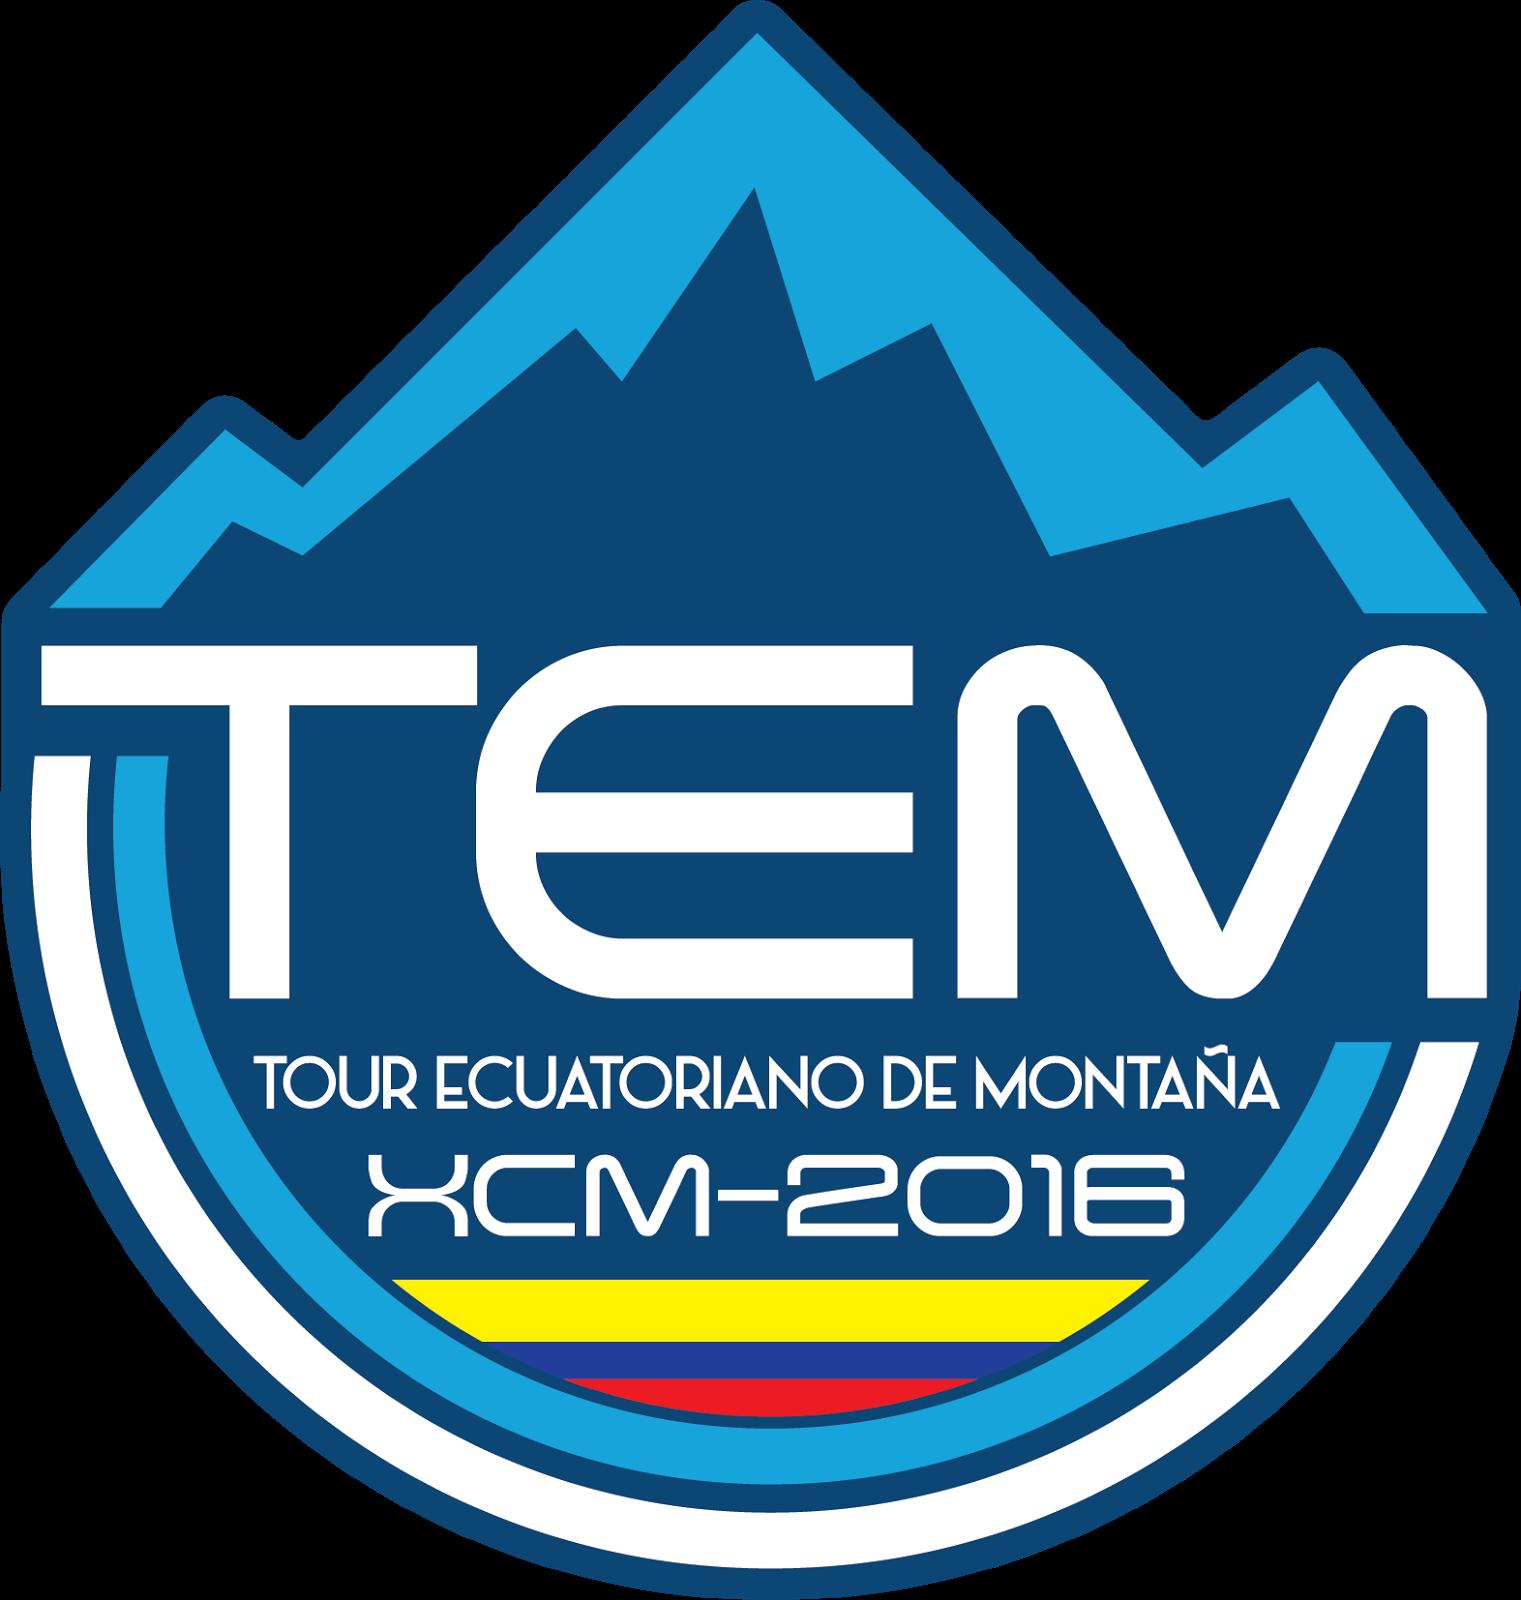 TOUR ECUATORIANO DE MONTAÑA XCM 2016